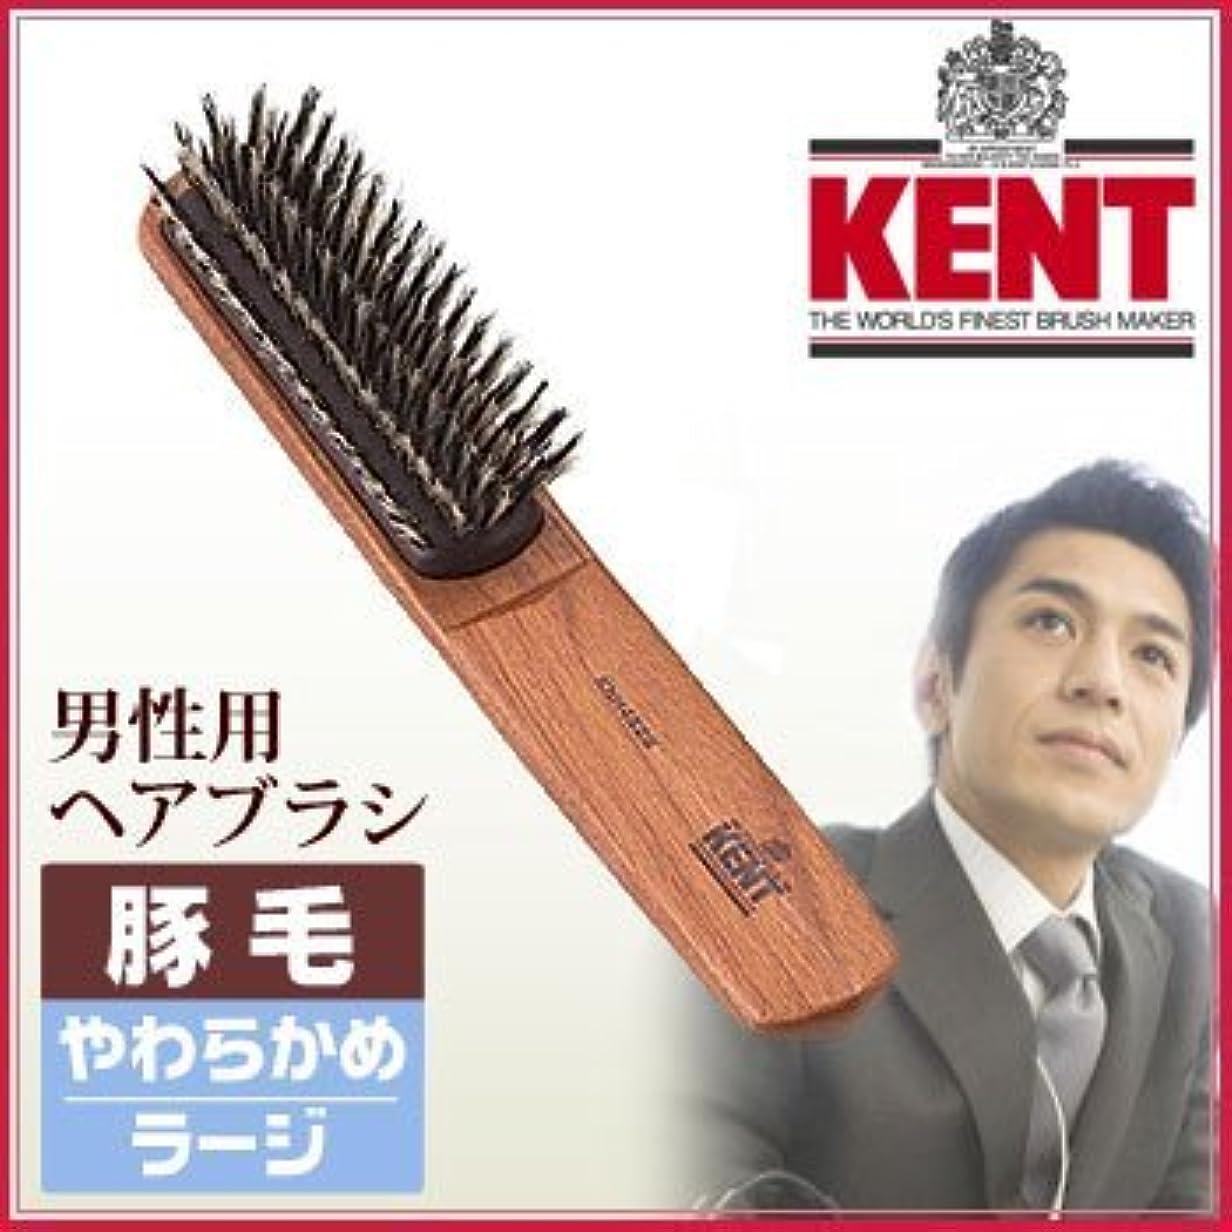 シート図円周KENT メンズ トリプレックスブラシ[ラージサイズ/豚毛やわらかめ]KNH-4628ケント